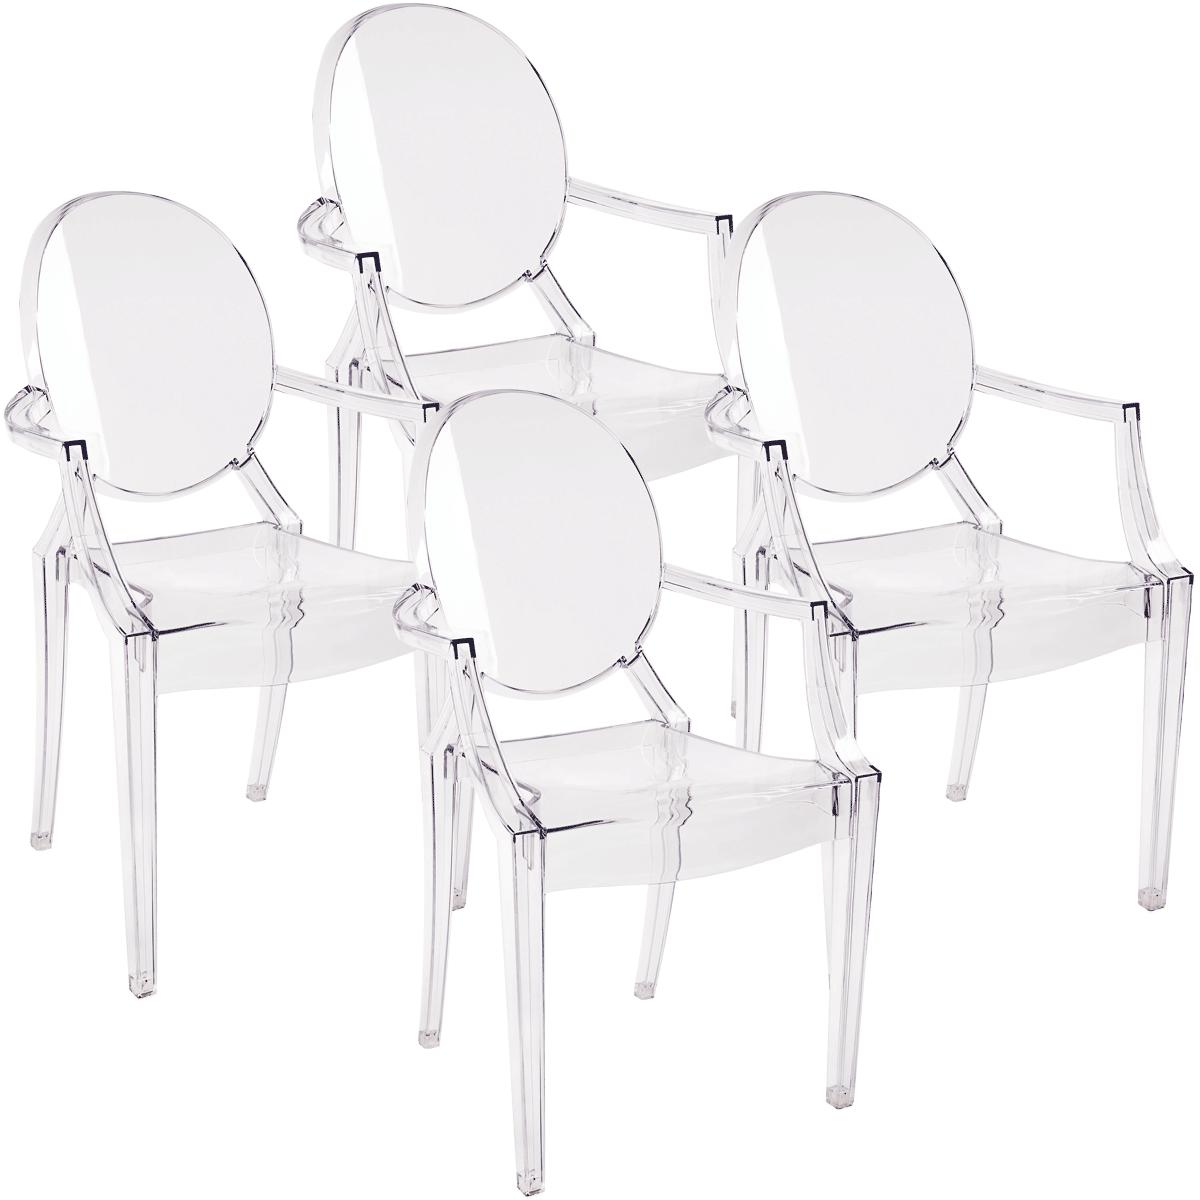 Kit Cadeira Ghost com Braco x4 - Diversas cores